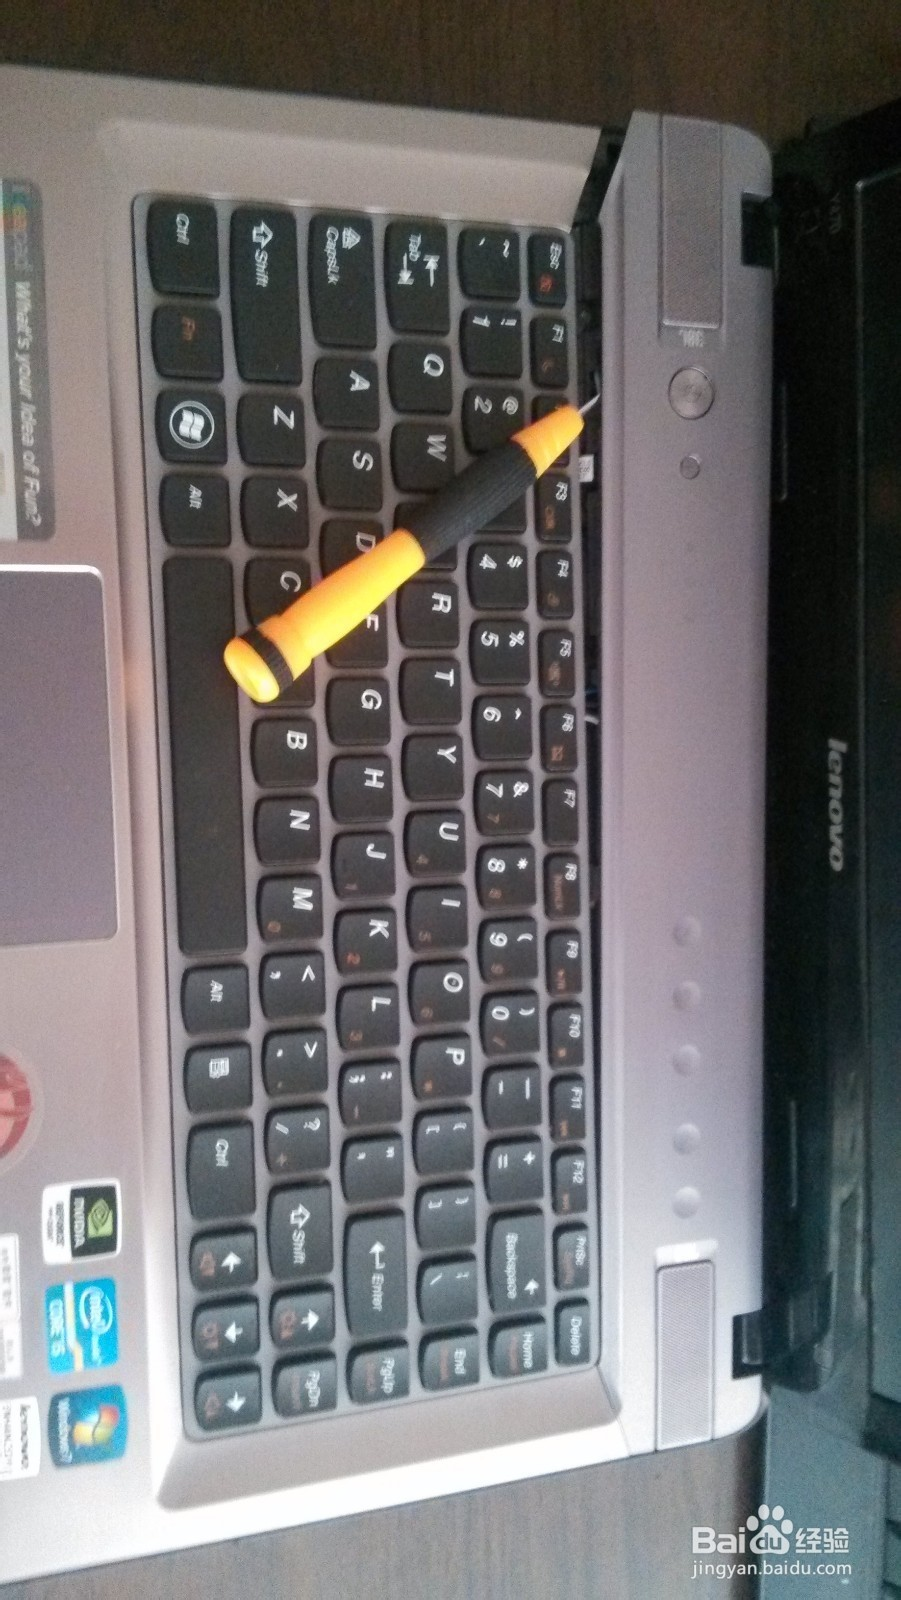 联想笔记本Y470更换键盘教程